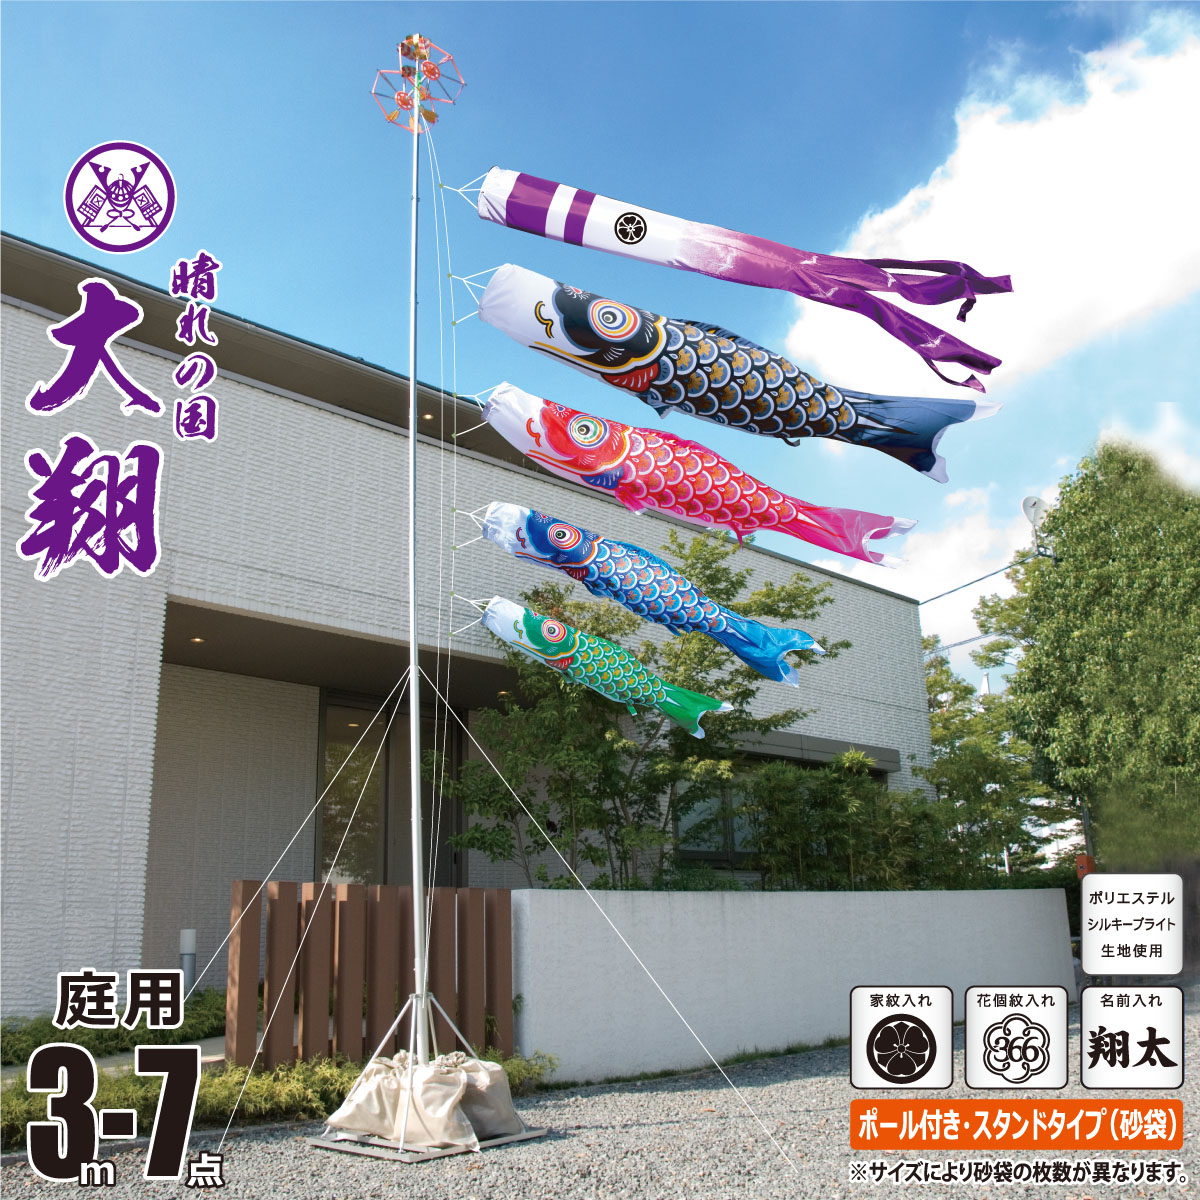 こいのぼり 3m 大翔 7点 (矢車、ロープ、吹流し、鯉4匹) 庭園用 スタンドセット (庭用 スタンド 砂袋4枚入り) 徳永鯉のぼり KIT-003-894